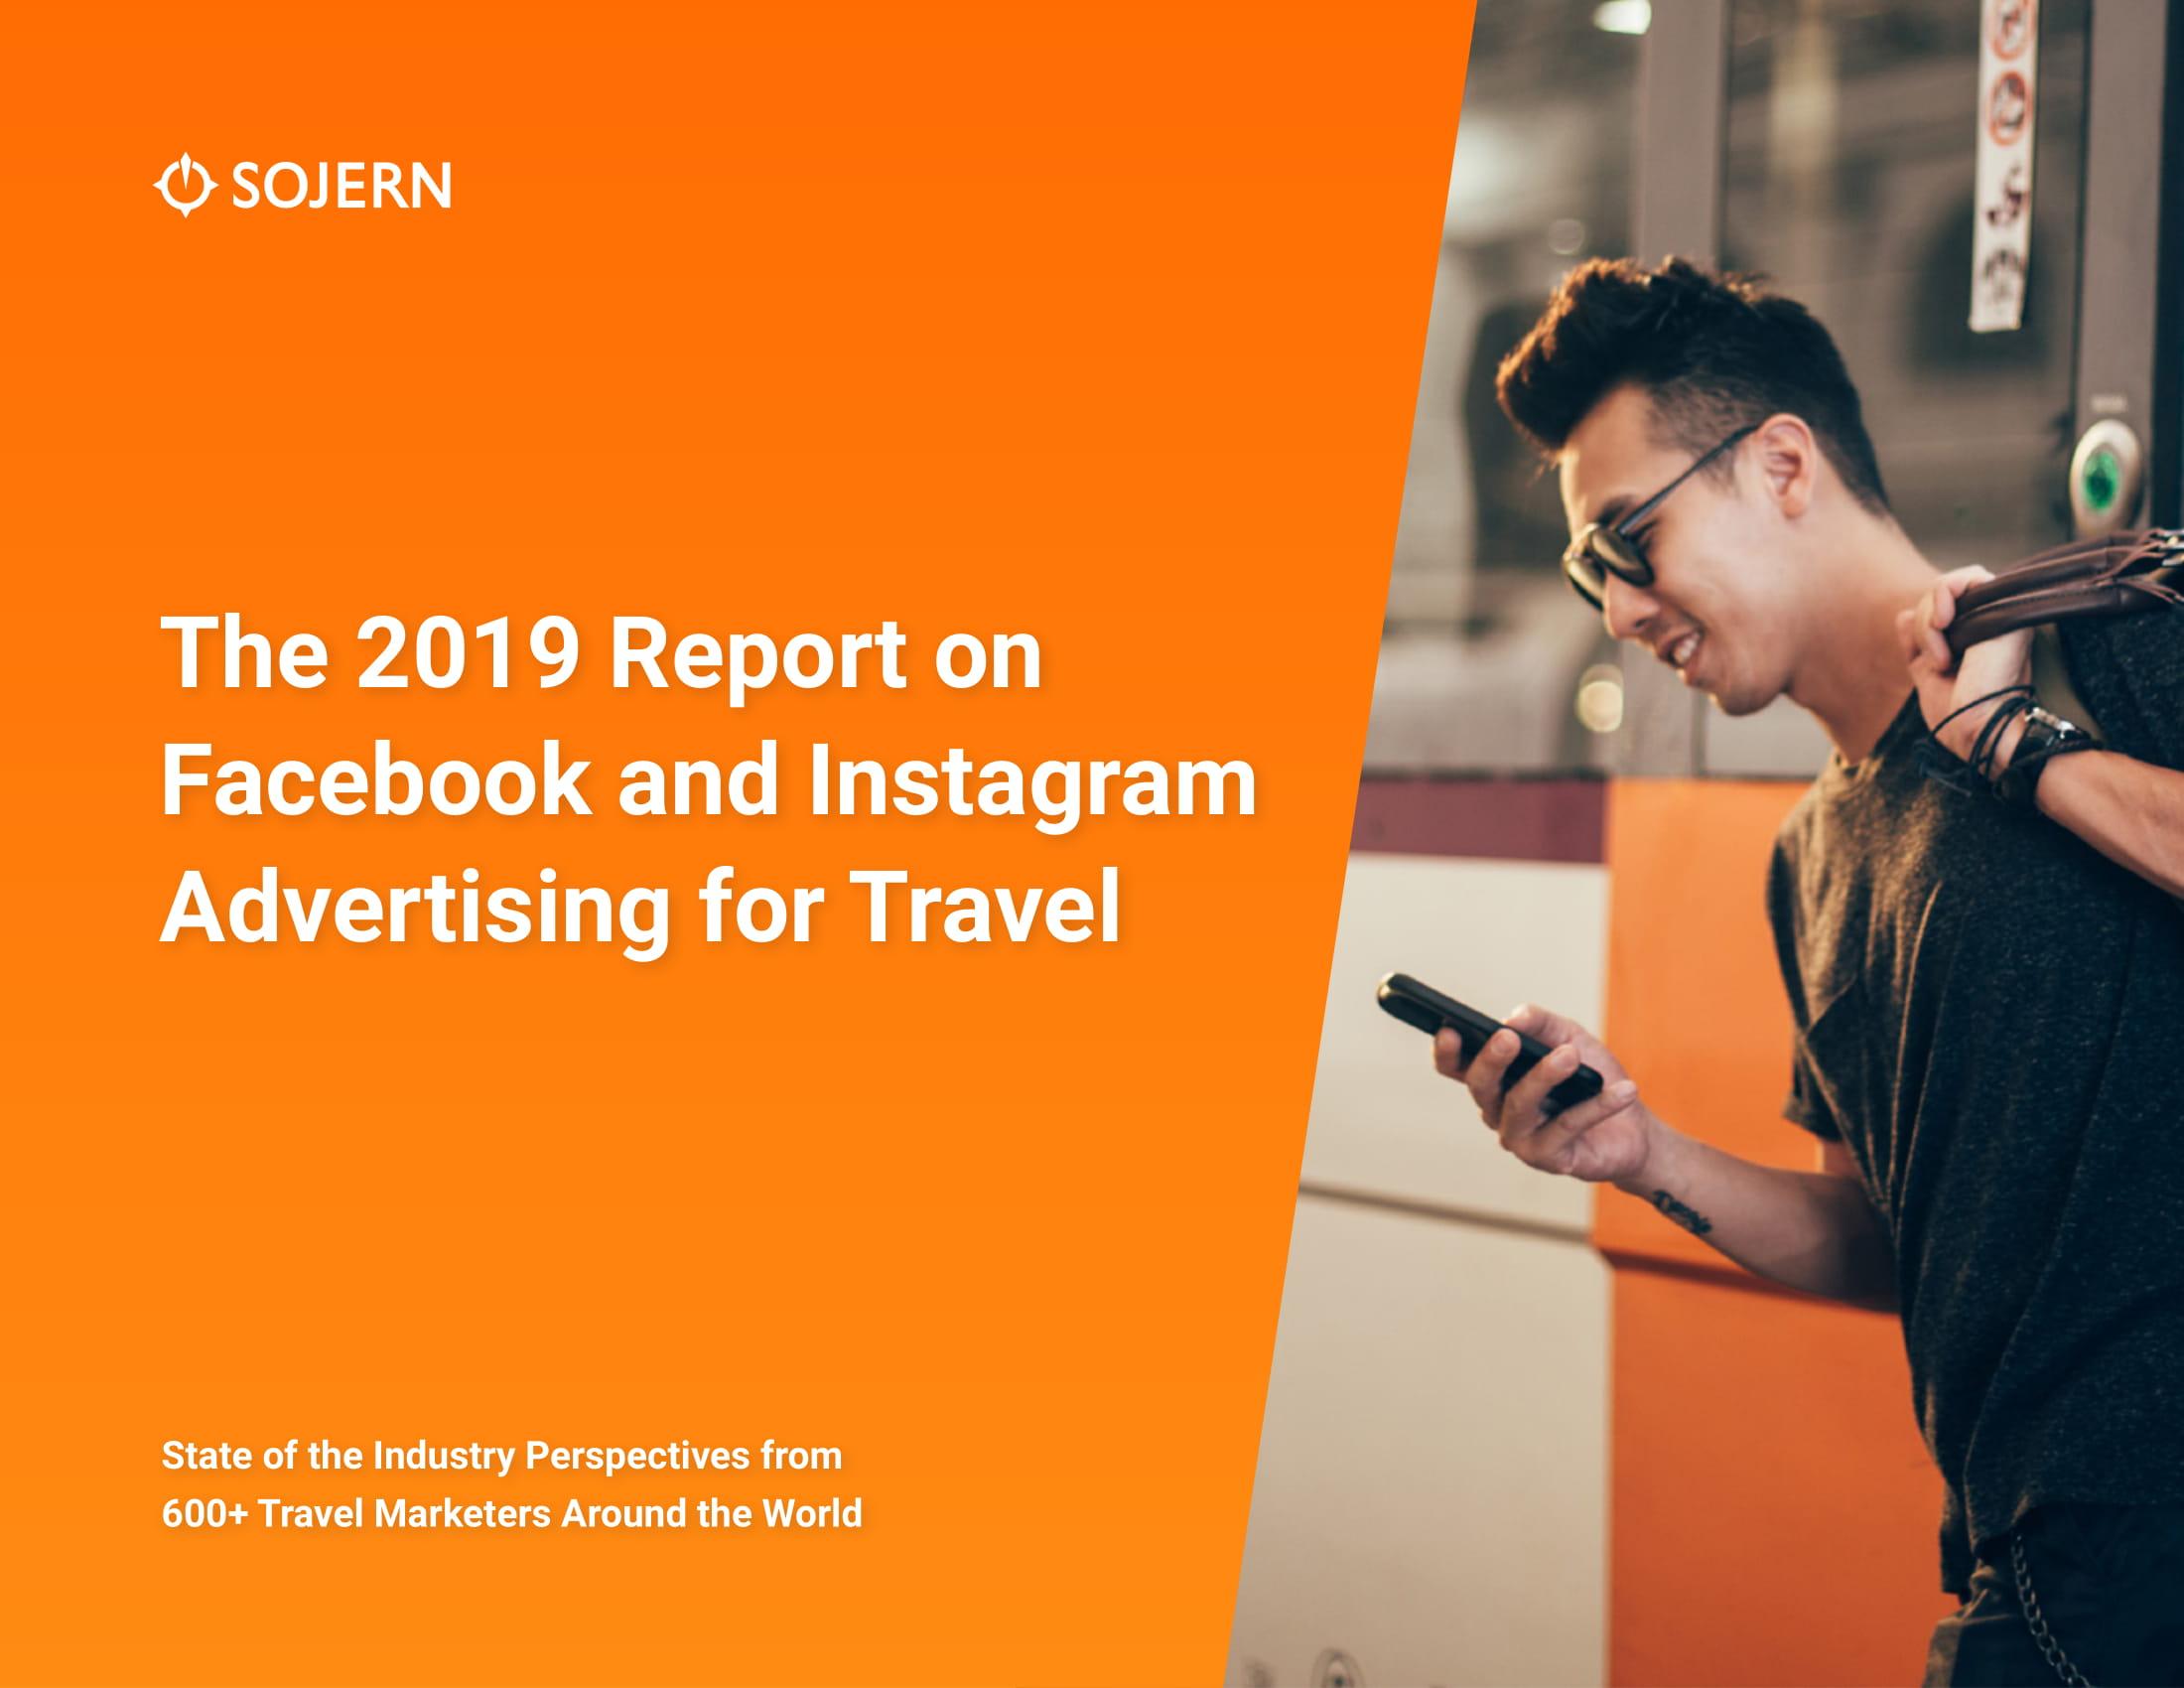 Sojern:2019年Facebook和Instagram旅游广告报告